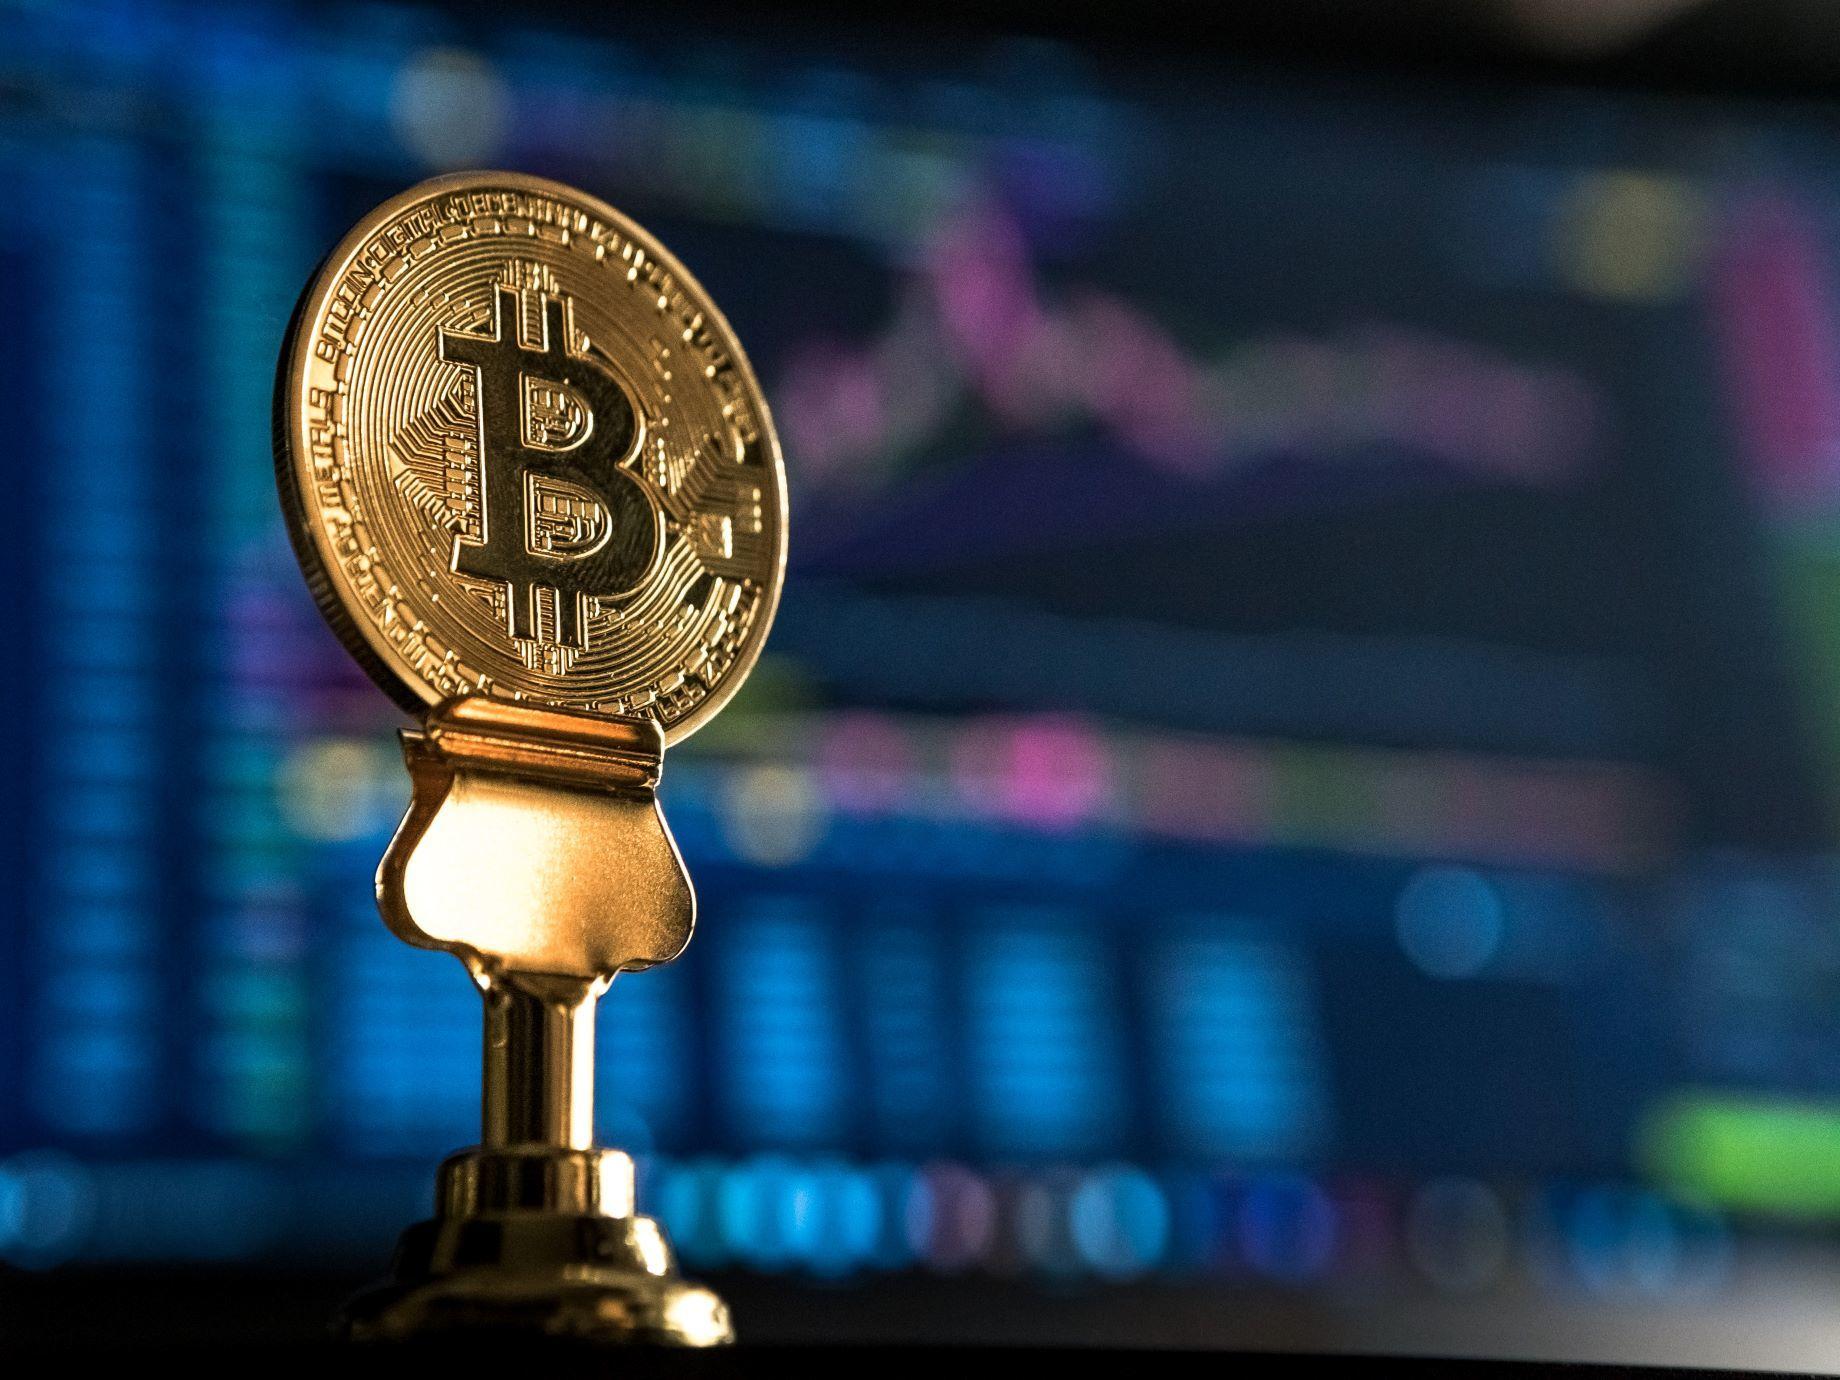 比特幣是金融海嘯下的產物?想靠它發大財,要先來了解它的背景!